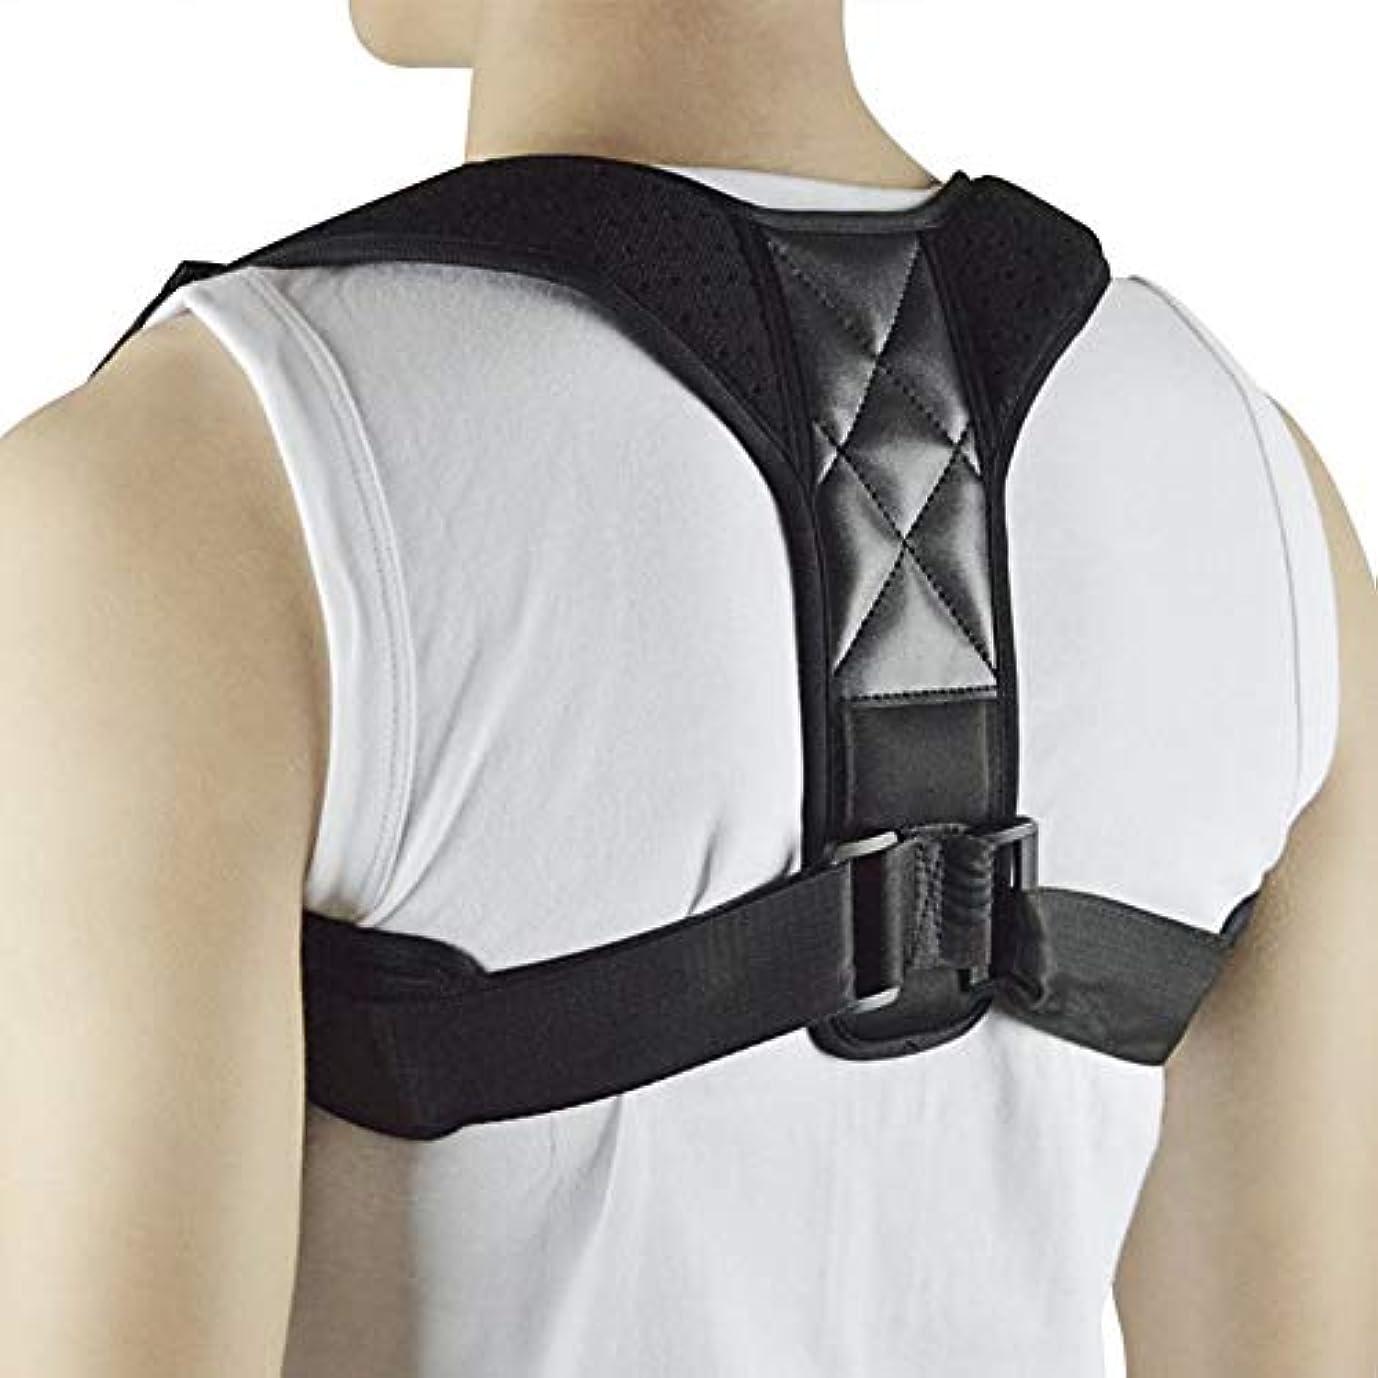 粗い愛情代替WT-C734ザトウクジラ矯正ベルト大人の脊椎背部固定子の背部矯正 - 多色アドバンス